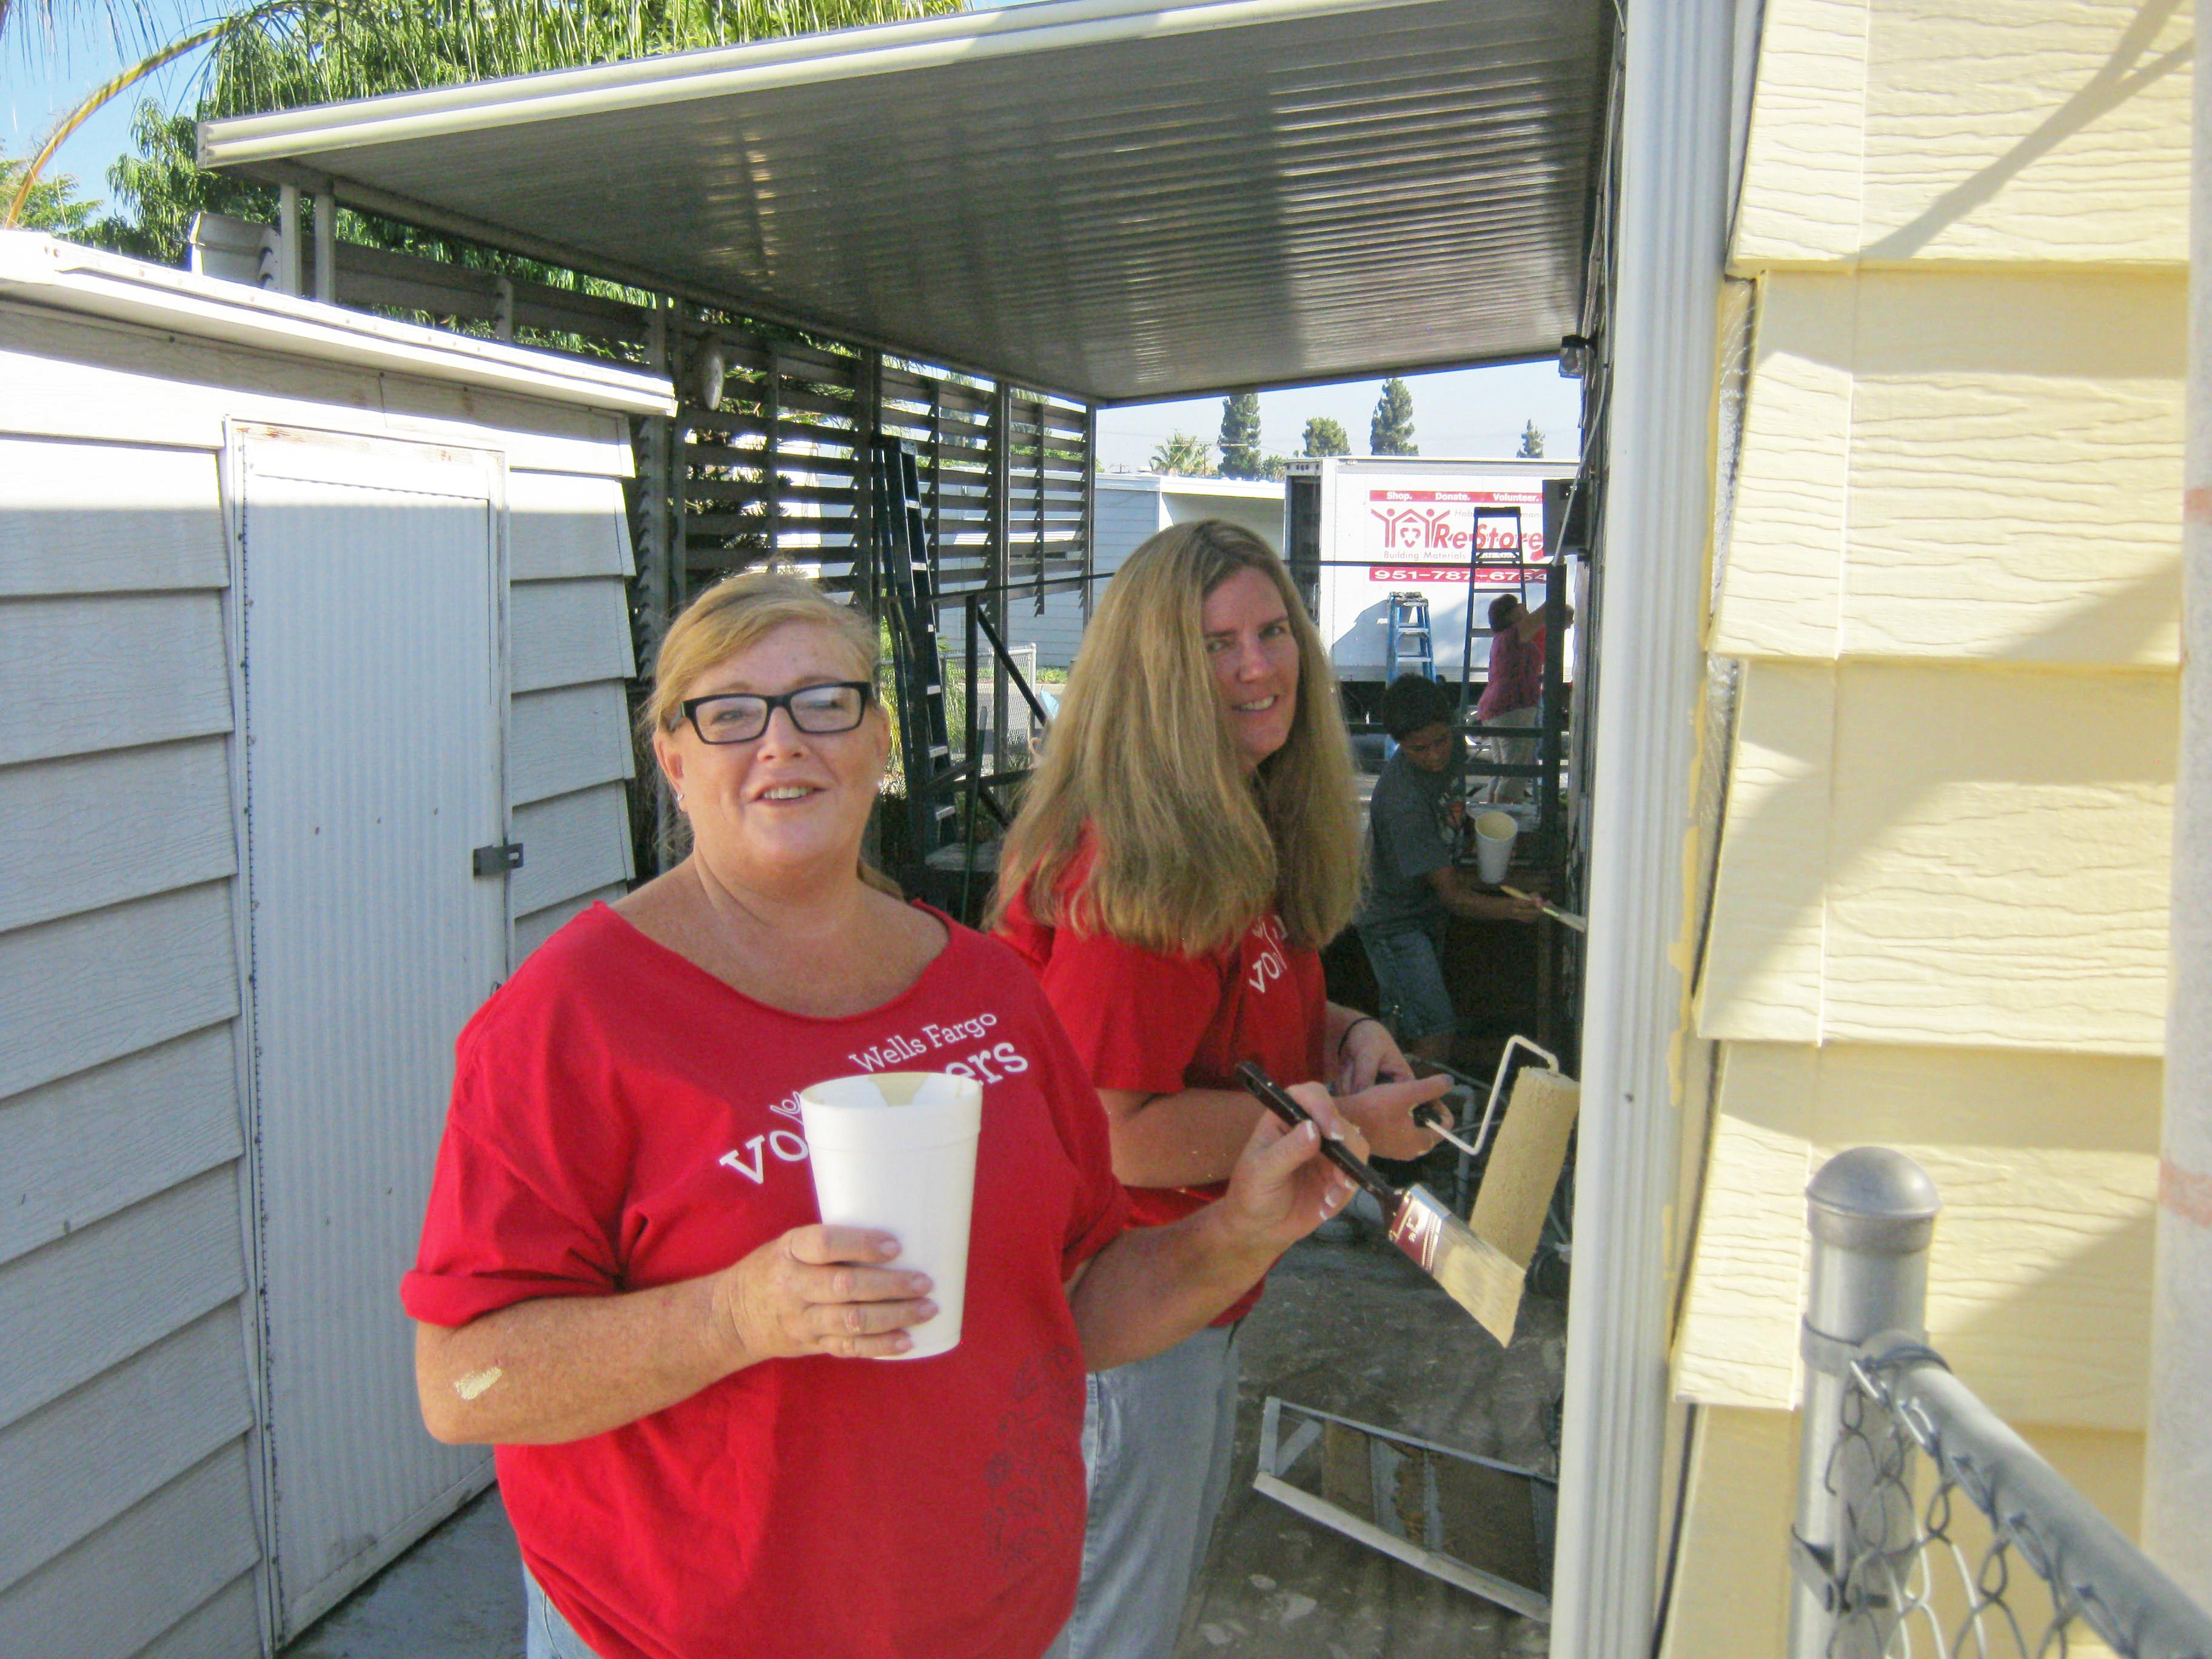 7/24/12: Wells Fargo Volunteers